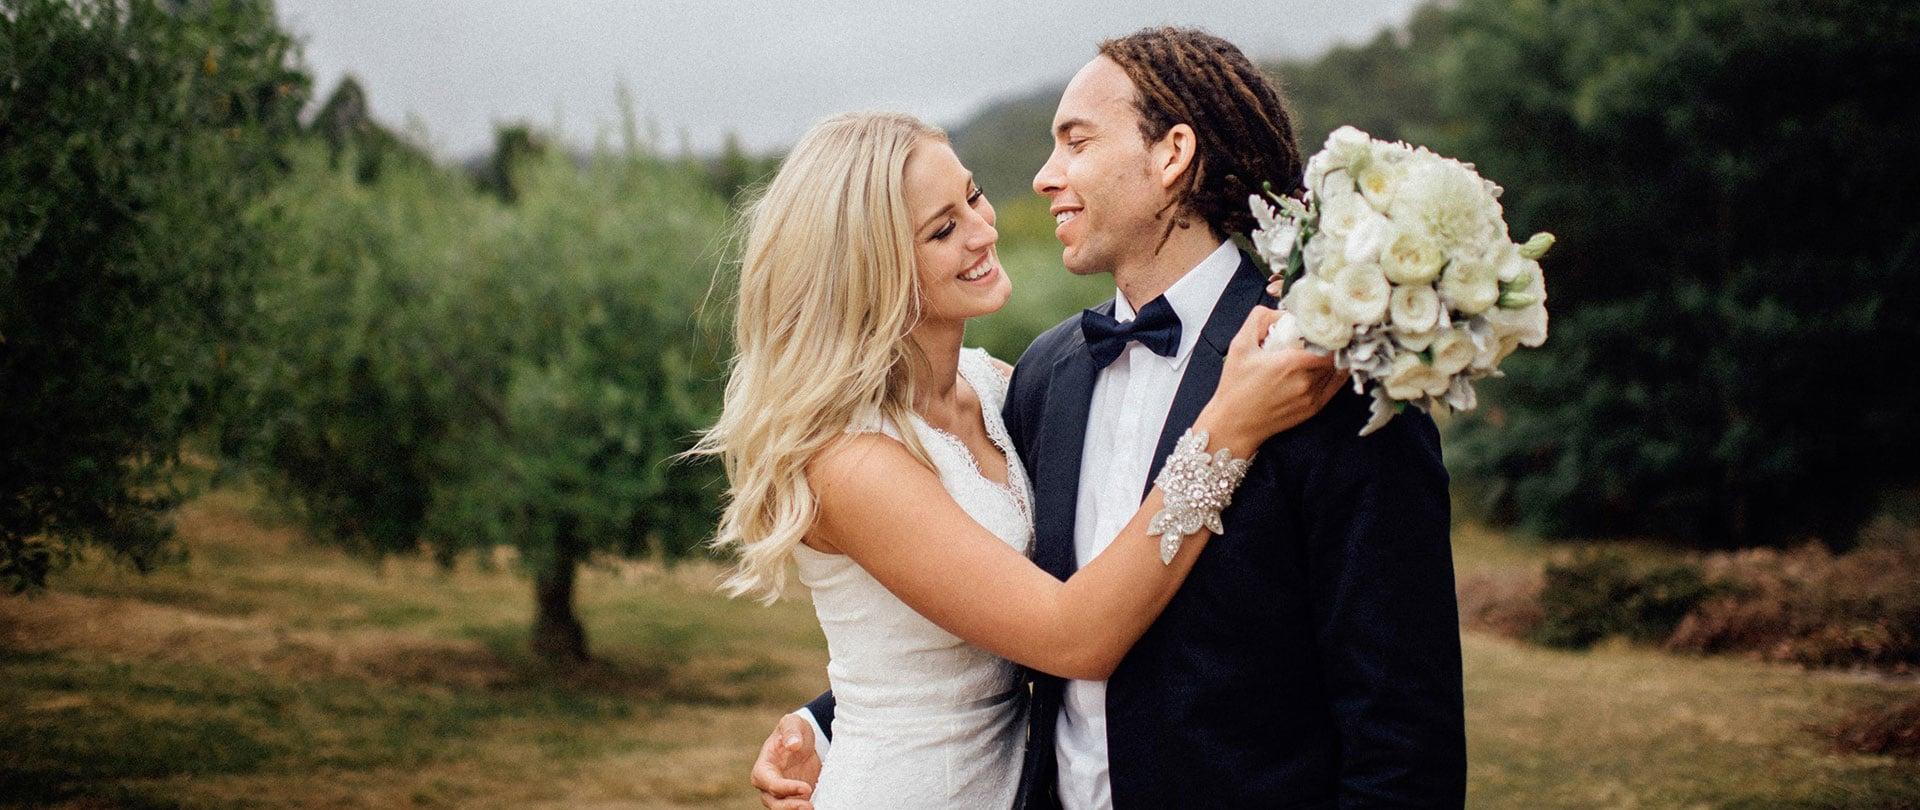 Hannah & Bj Wedding Video Filmed at Tasmania, Australia